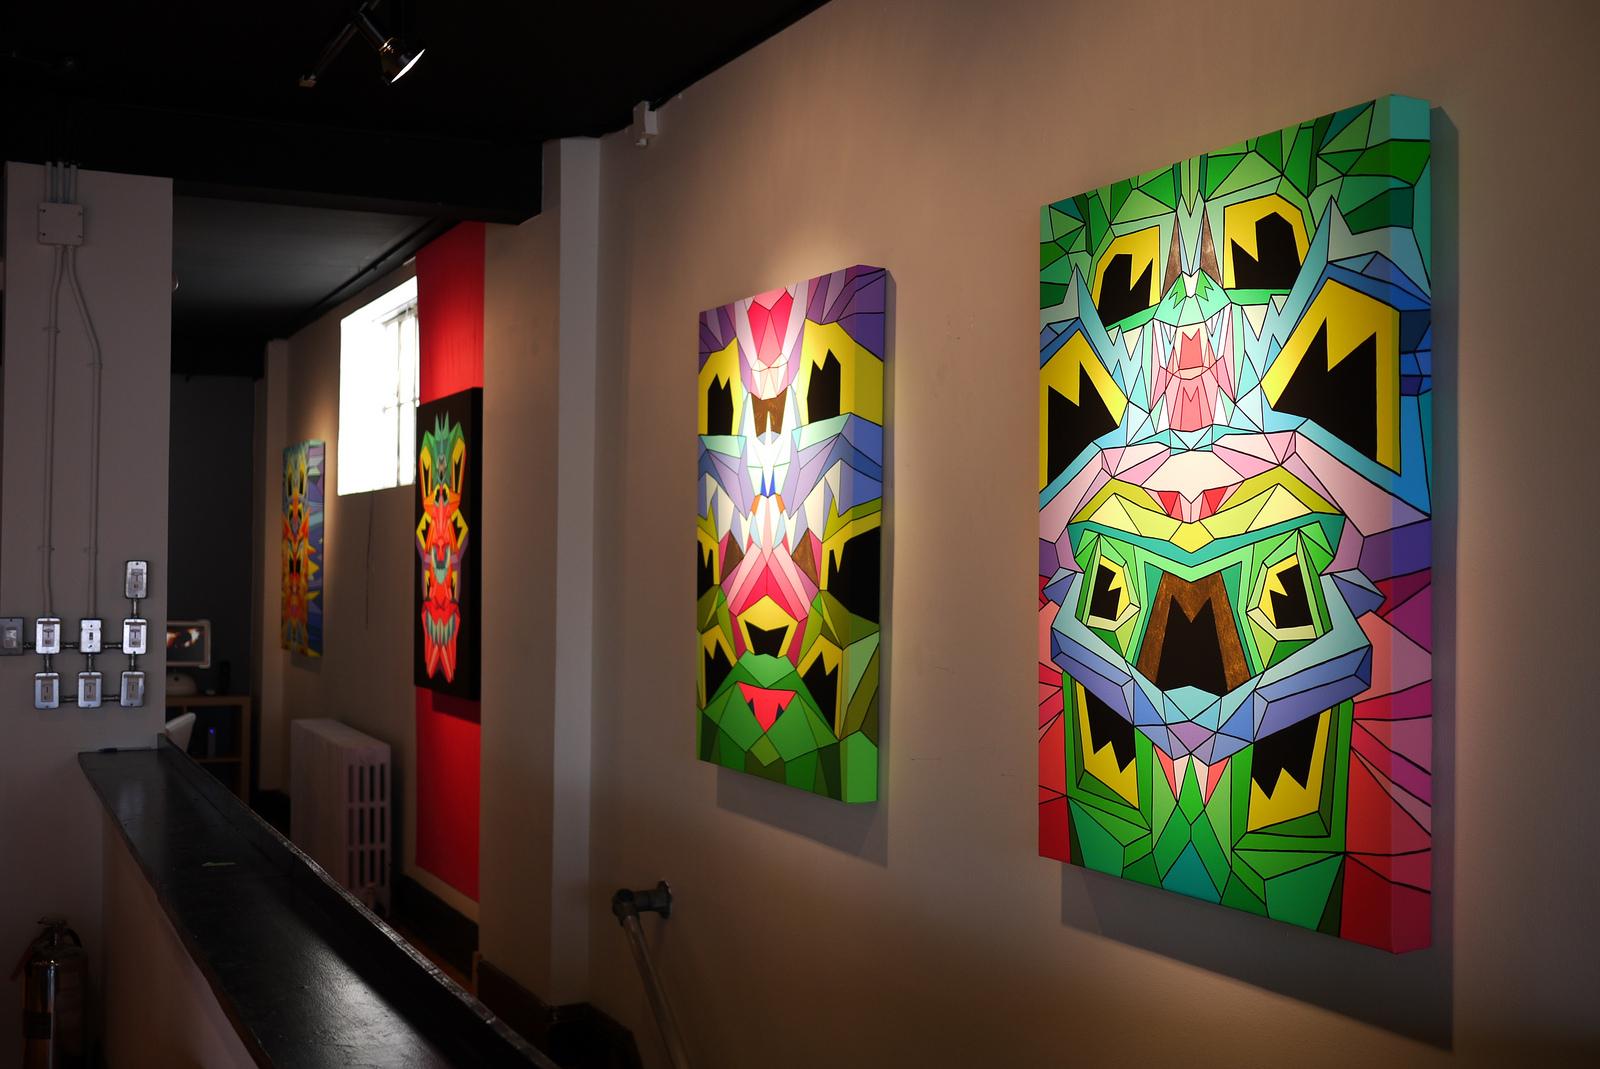 Crystal King 4 paintings